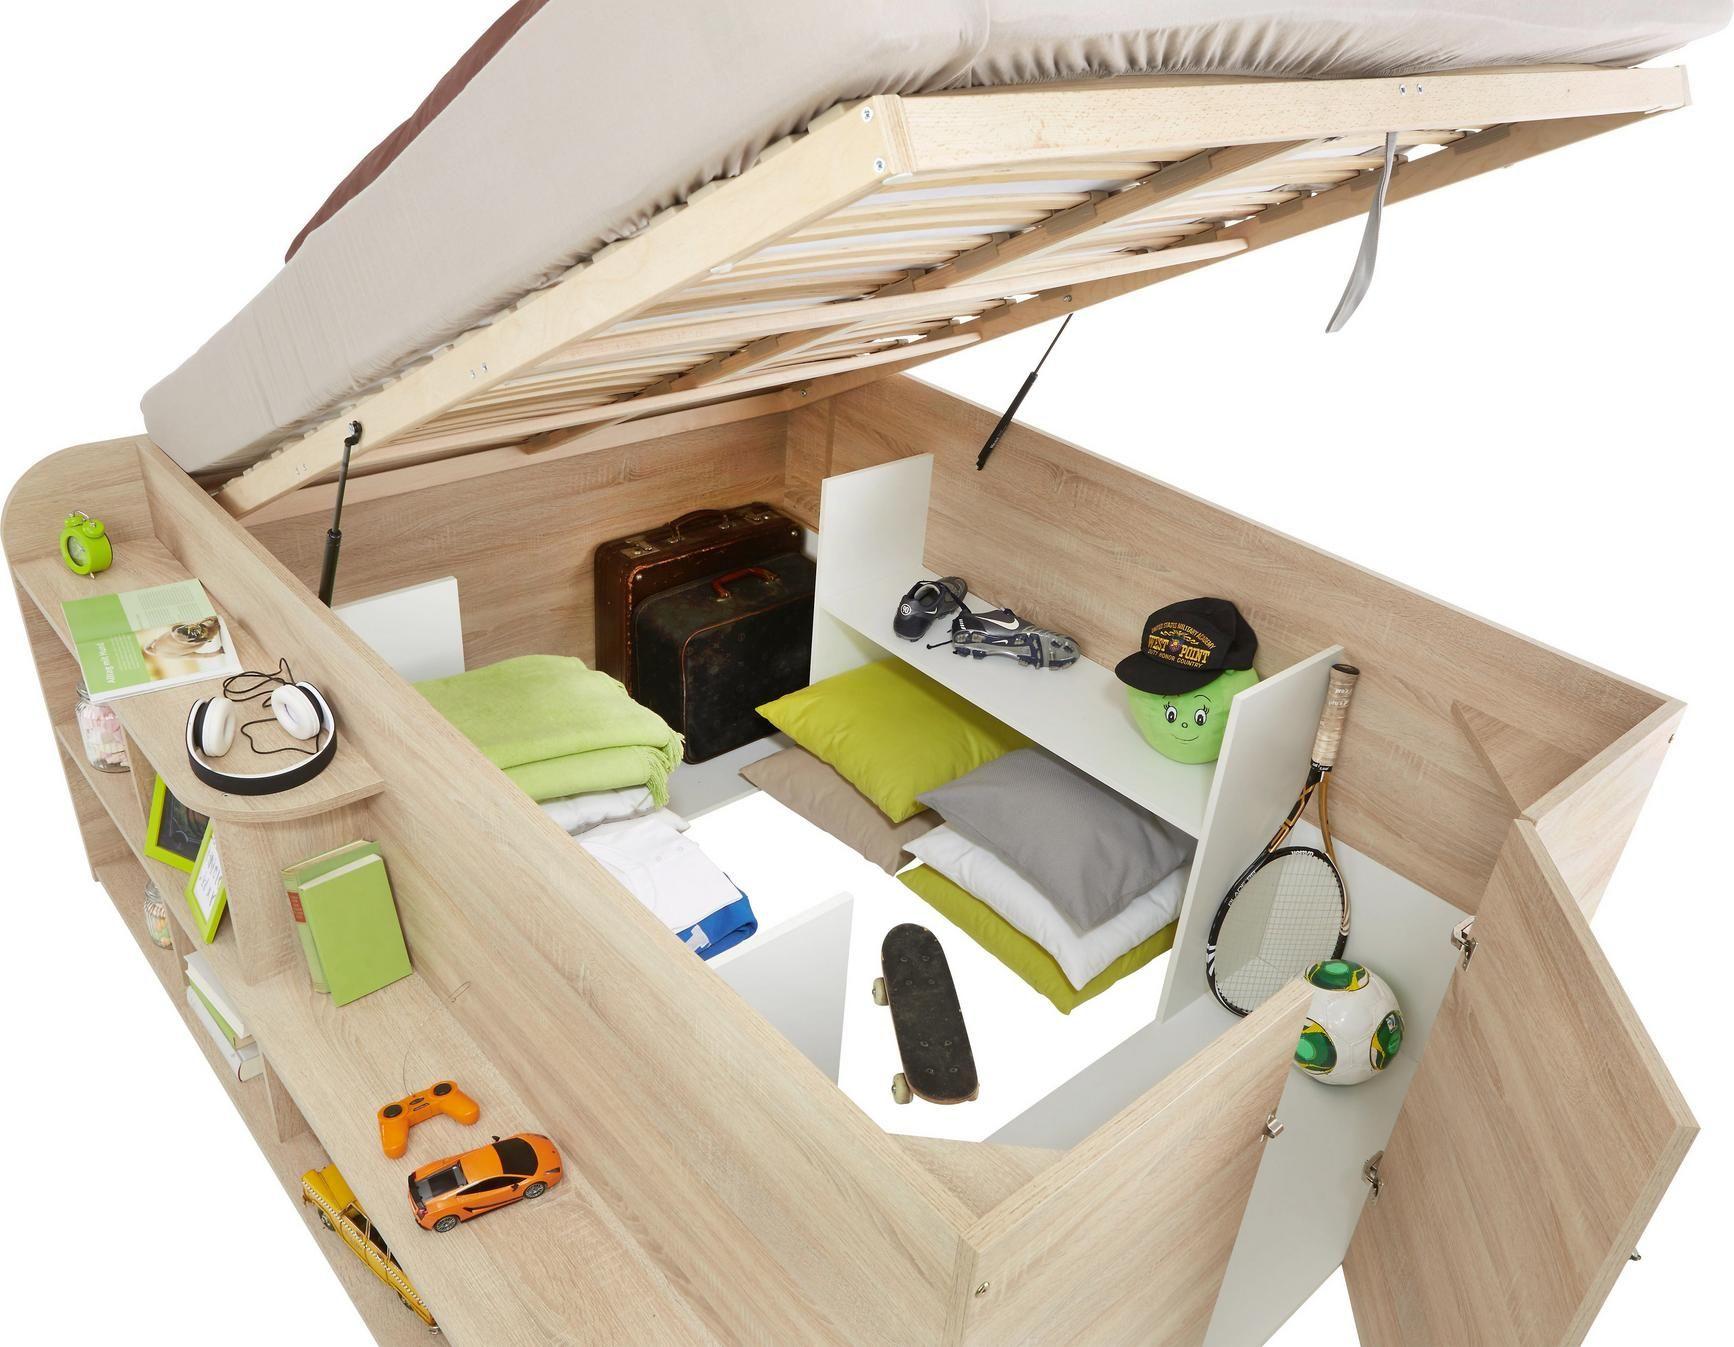 Bett In Sonoma Eiche Ca 140x200cm Online Kaufen Momax Mit Bildern Bett Mit Stauraum Bett Bauen Diy Wohnmobel